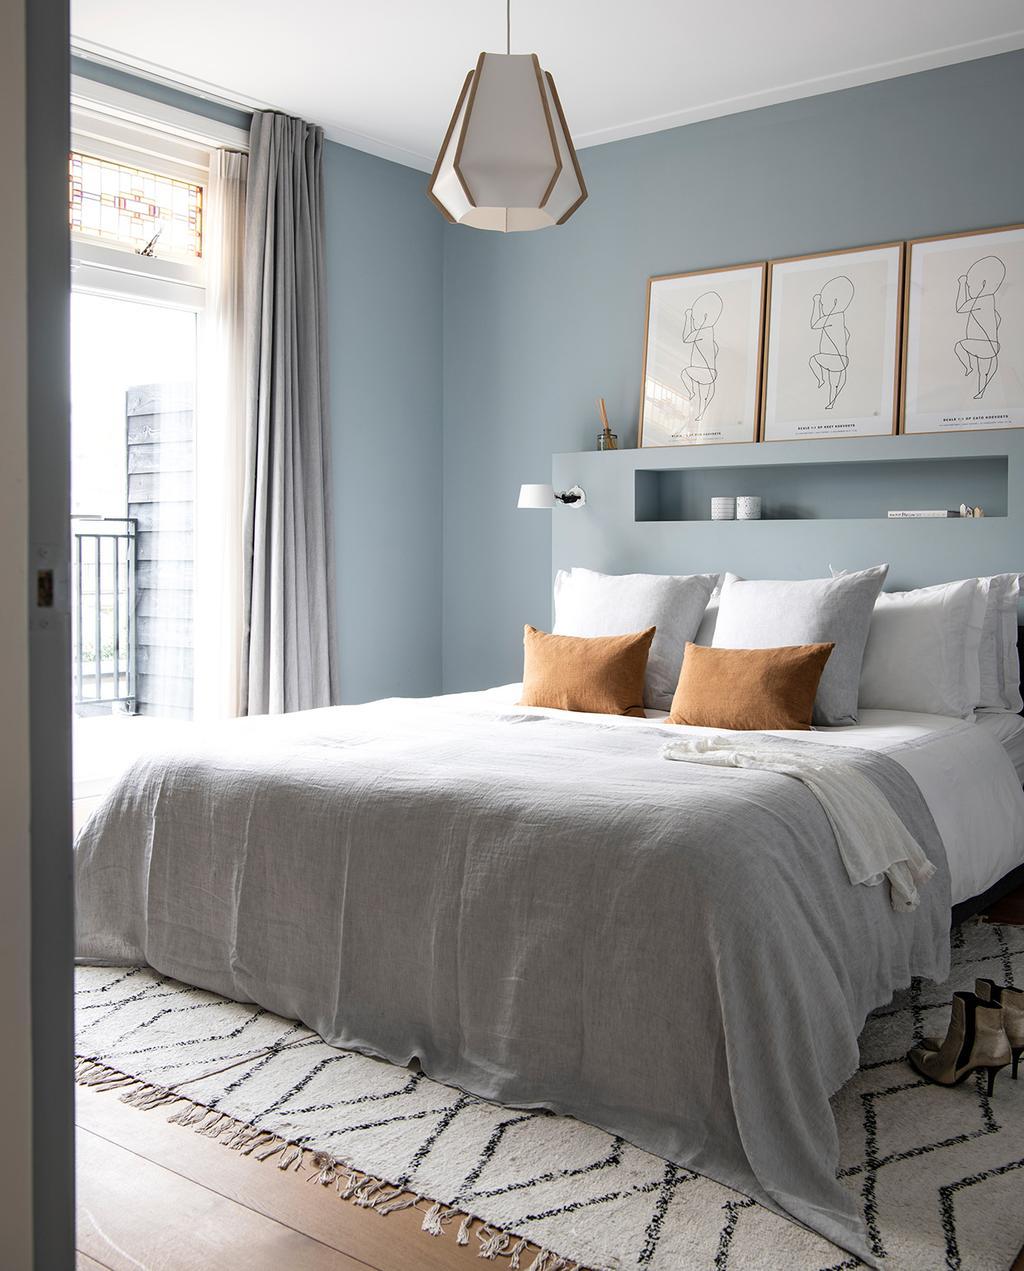 vtwonen 04-2021 | slaapkamer met opgeruimd bed en hoofdbord met opbergruimte